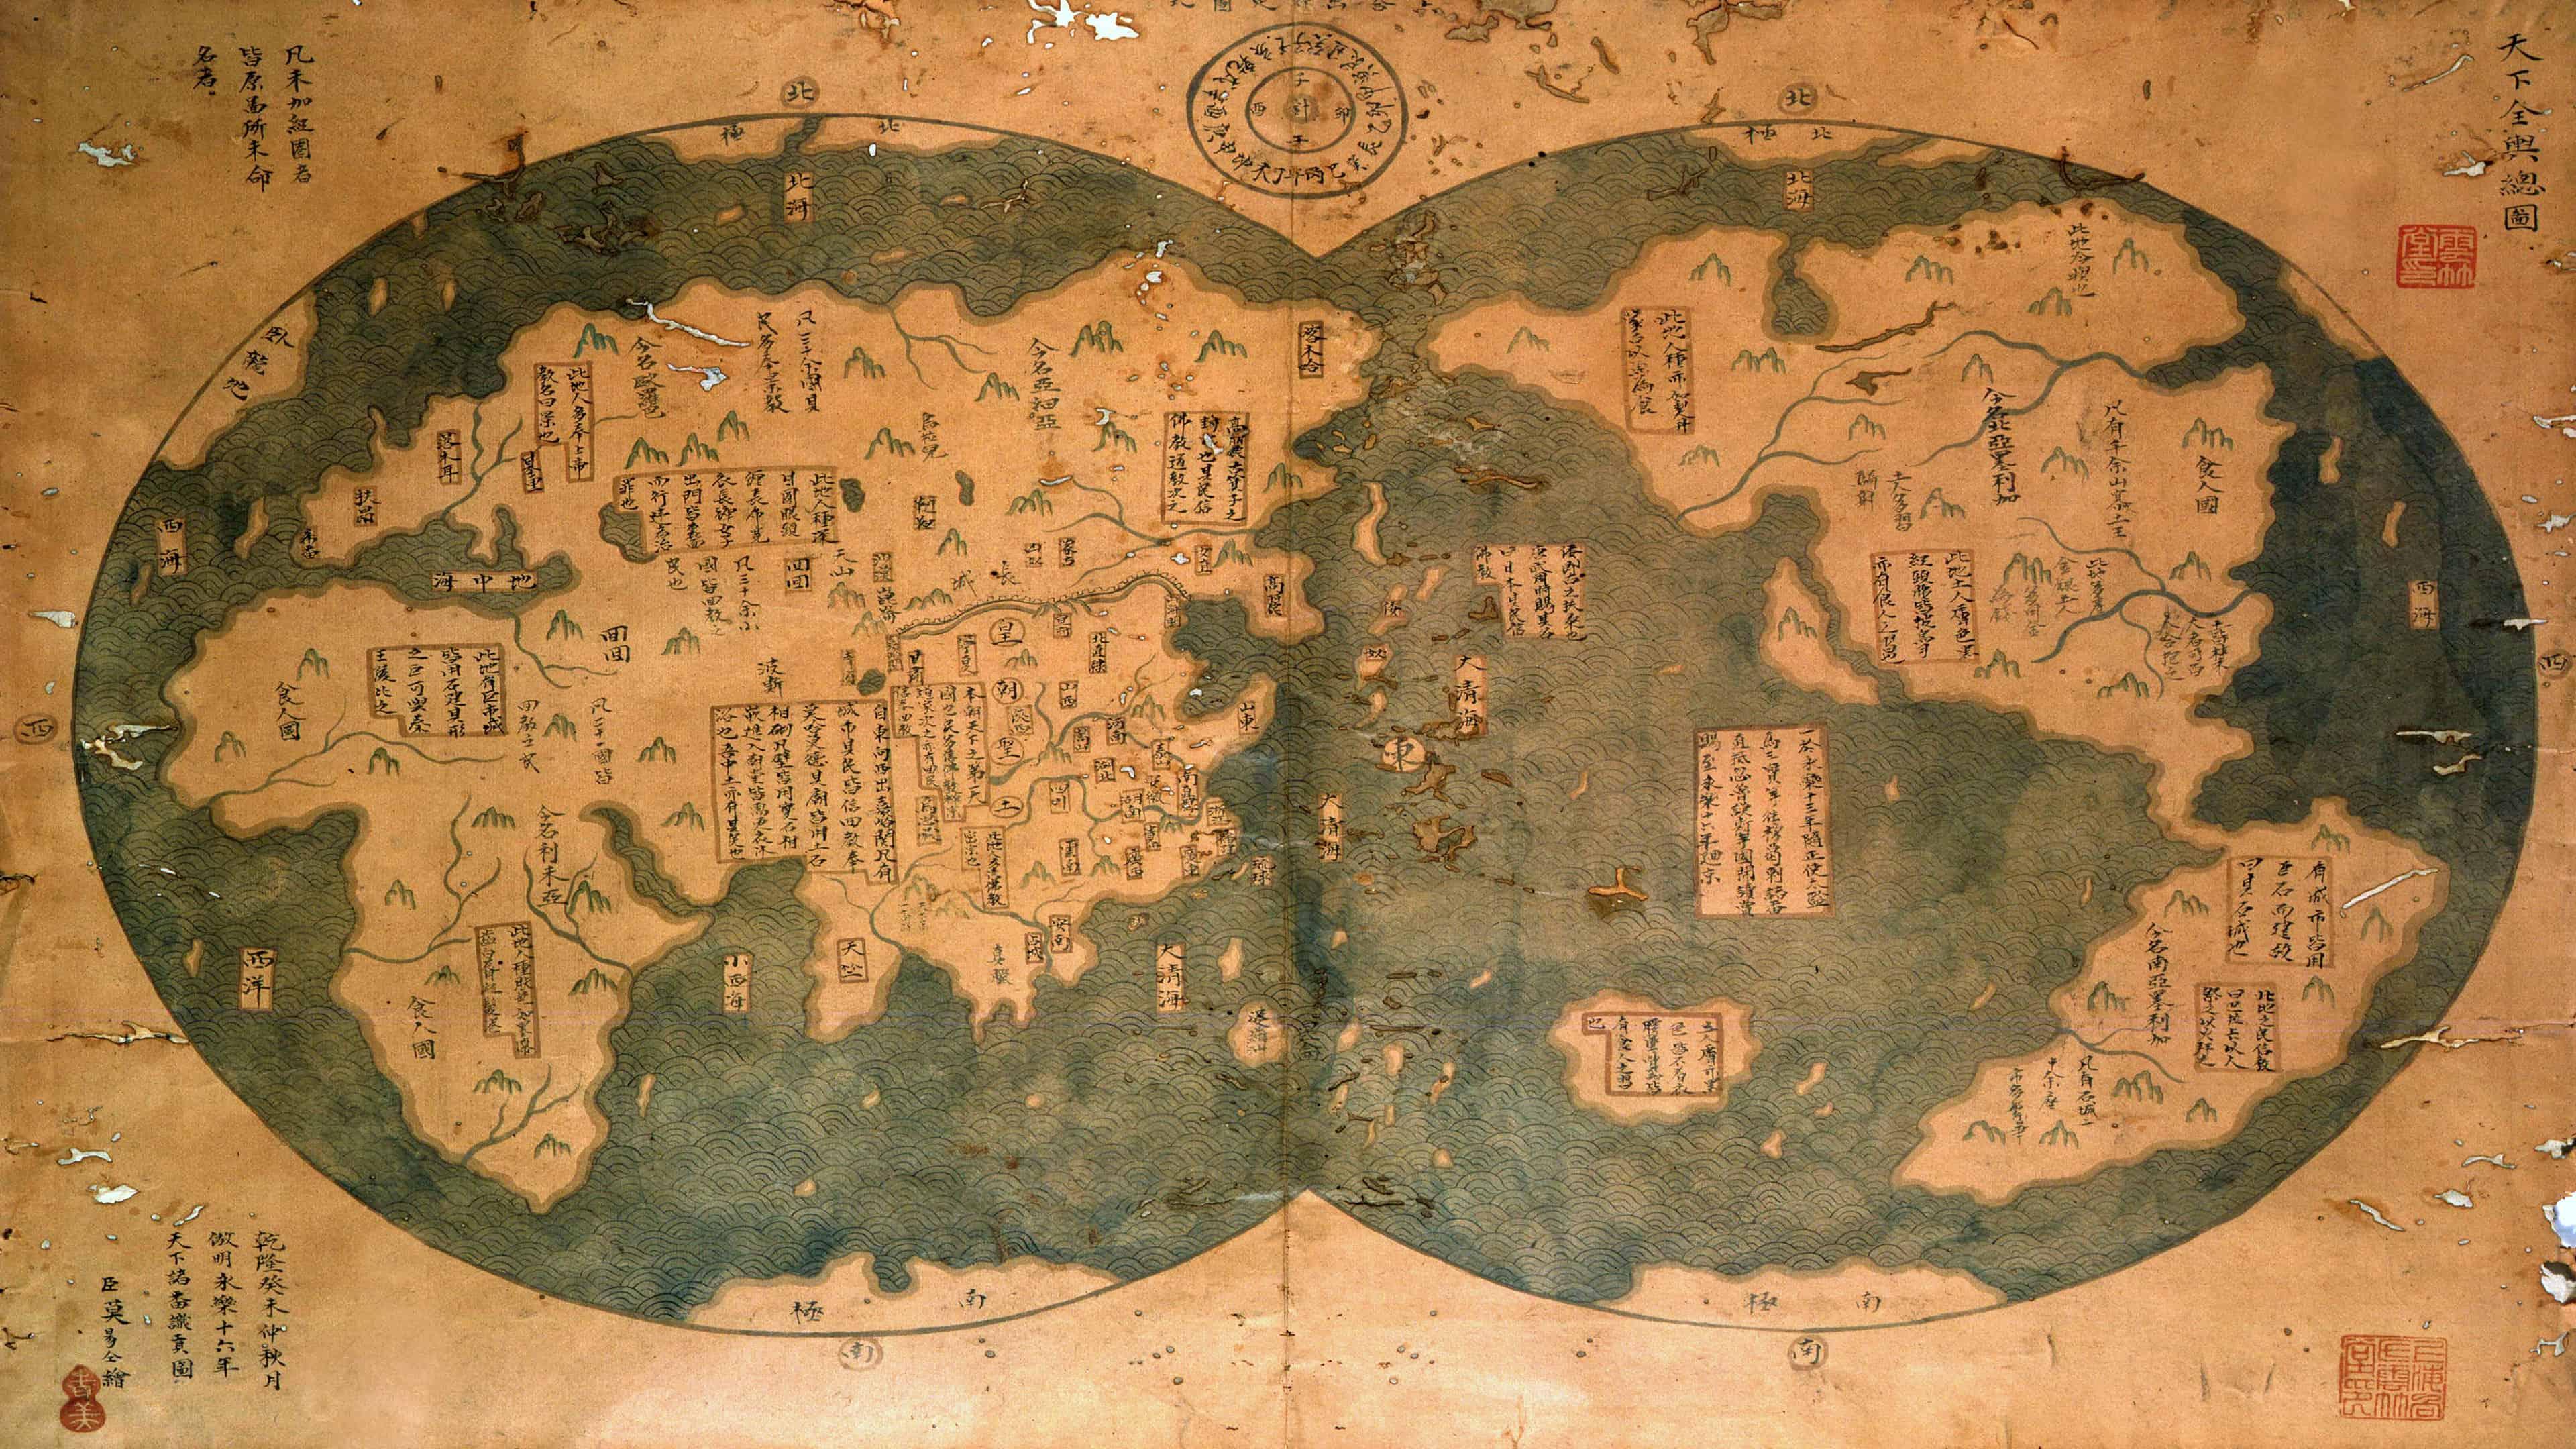 3840x2160 Bản đồ thế giới cổ điển Trung Quốc Zheng He UHD 4K Hình nền